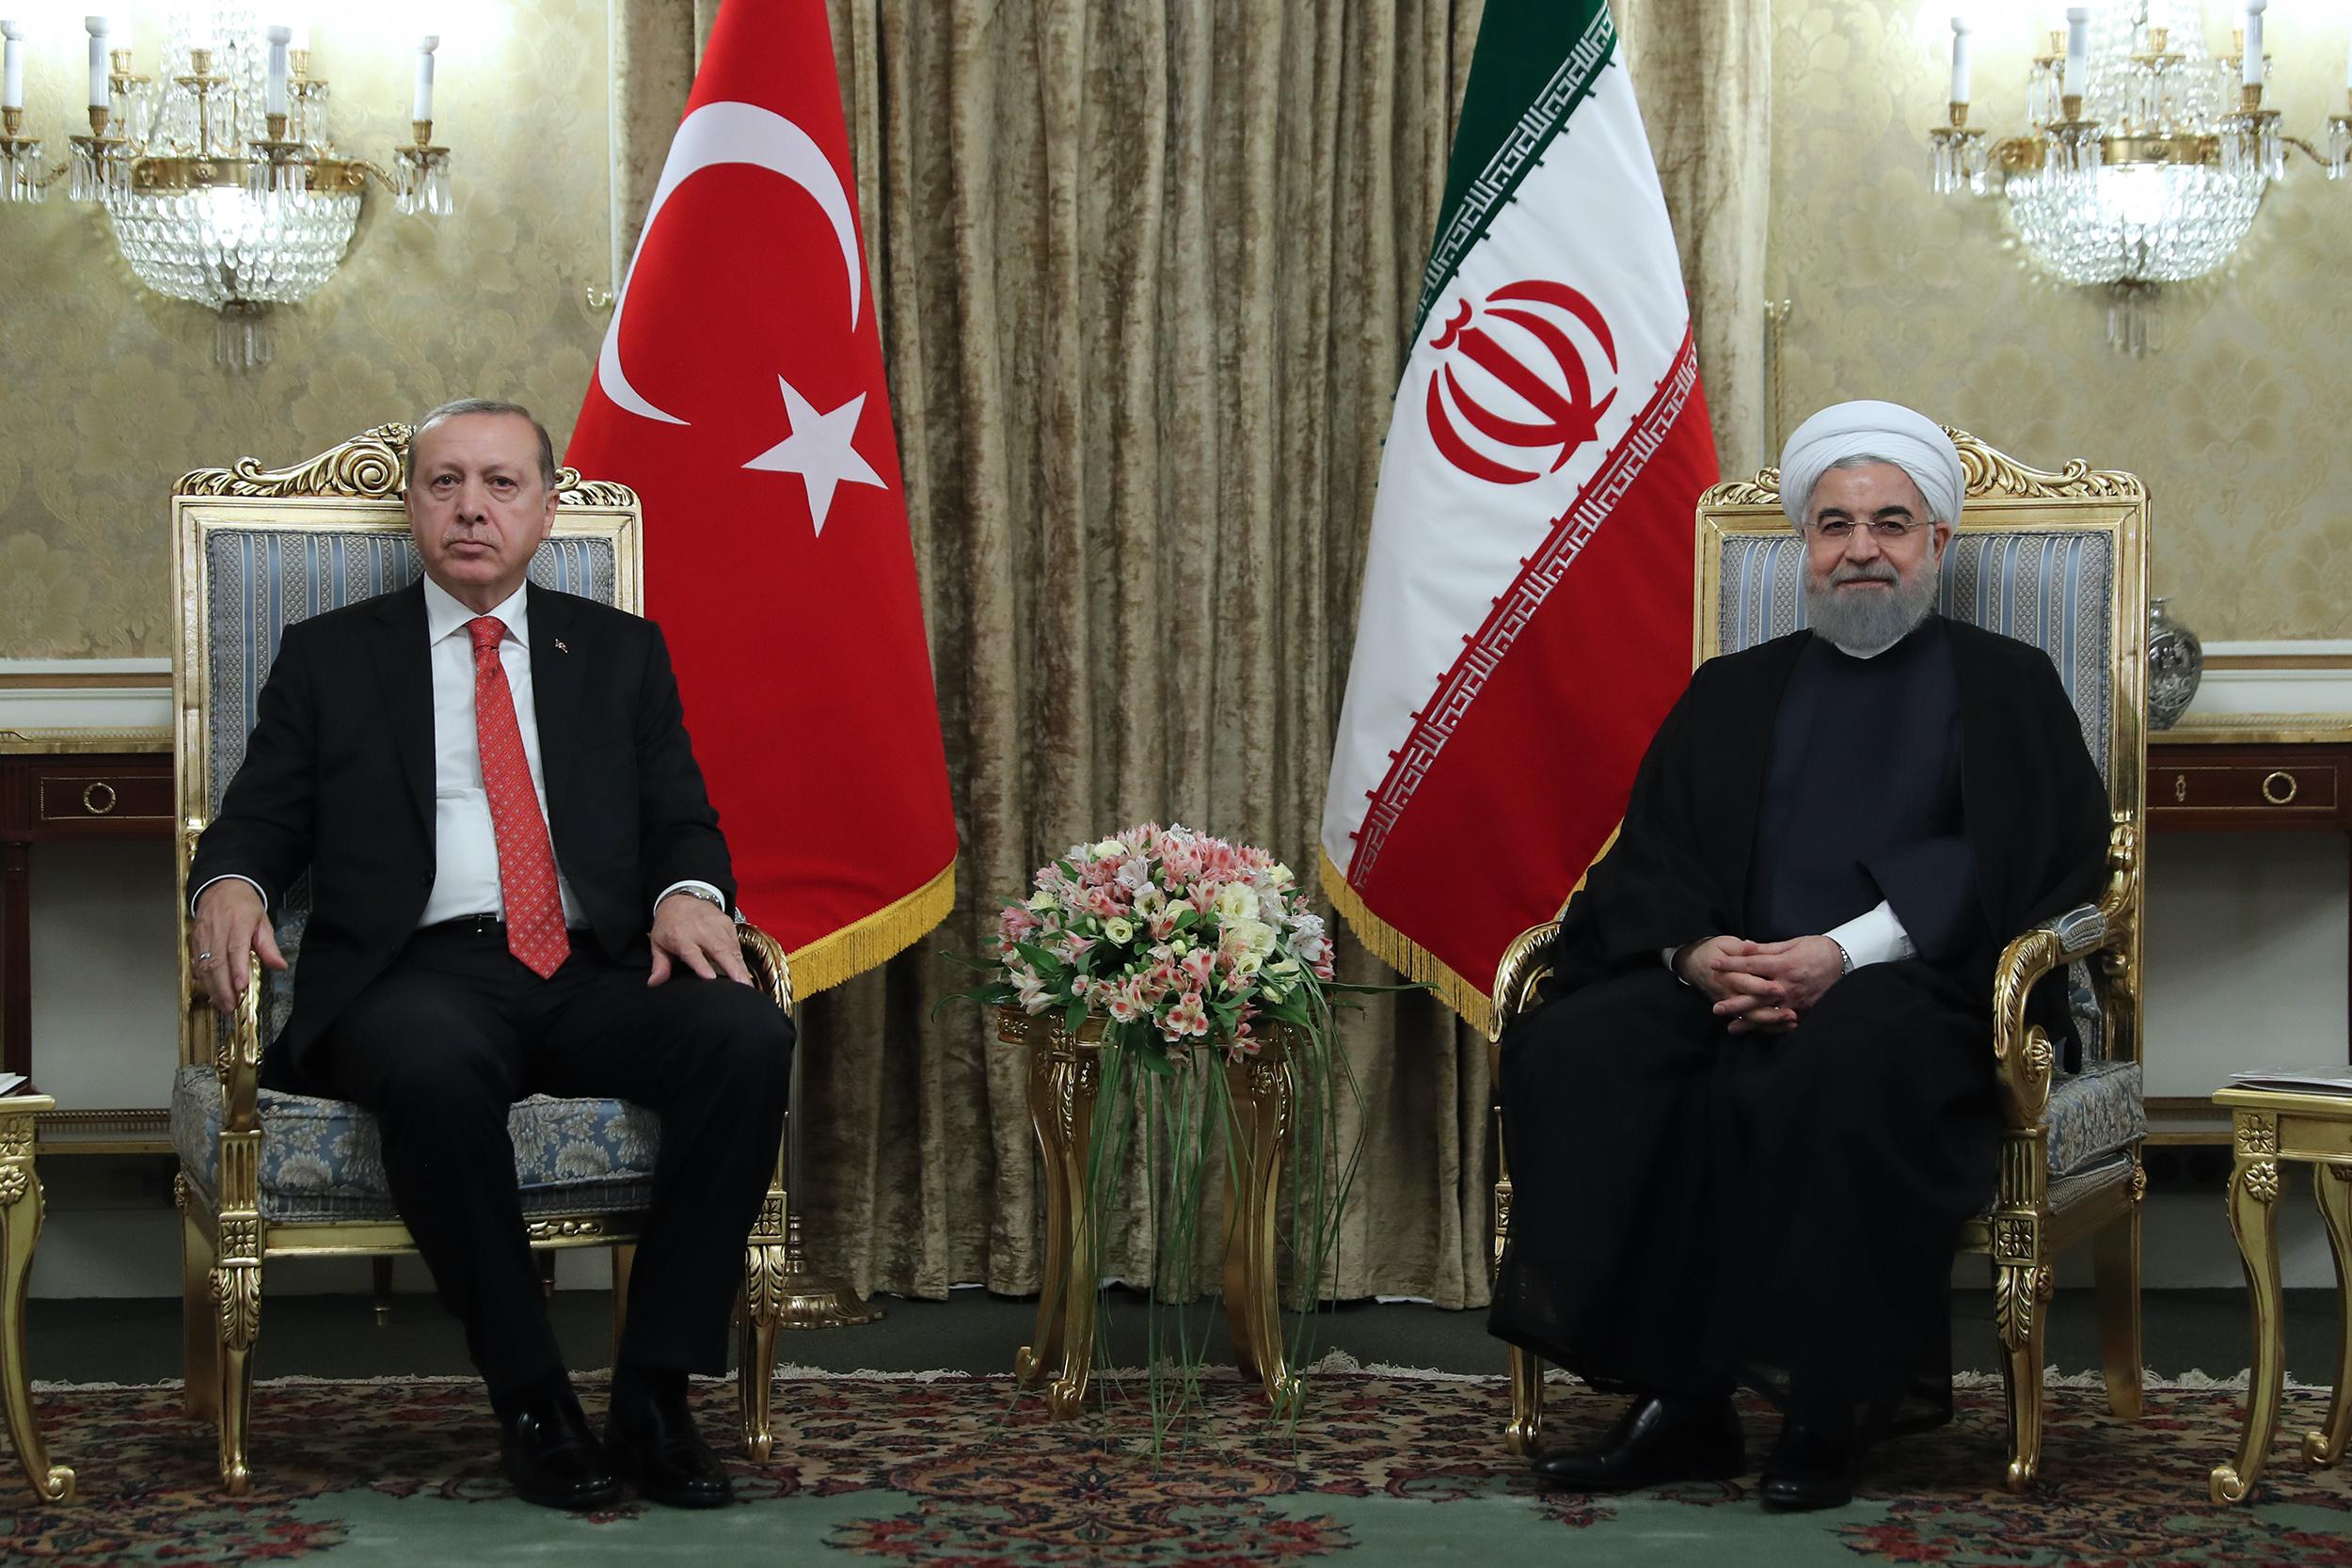 روحانی: ایران و ترکیه تشدید اختلافات قومی در منطقه را نمیپذیرند/اردوغان: تصمیمی که با نشستن بر سر میز با موساد گرفته شده به هیچ عنوان مشروع نیست